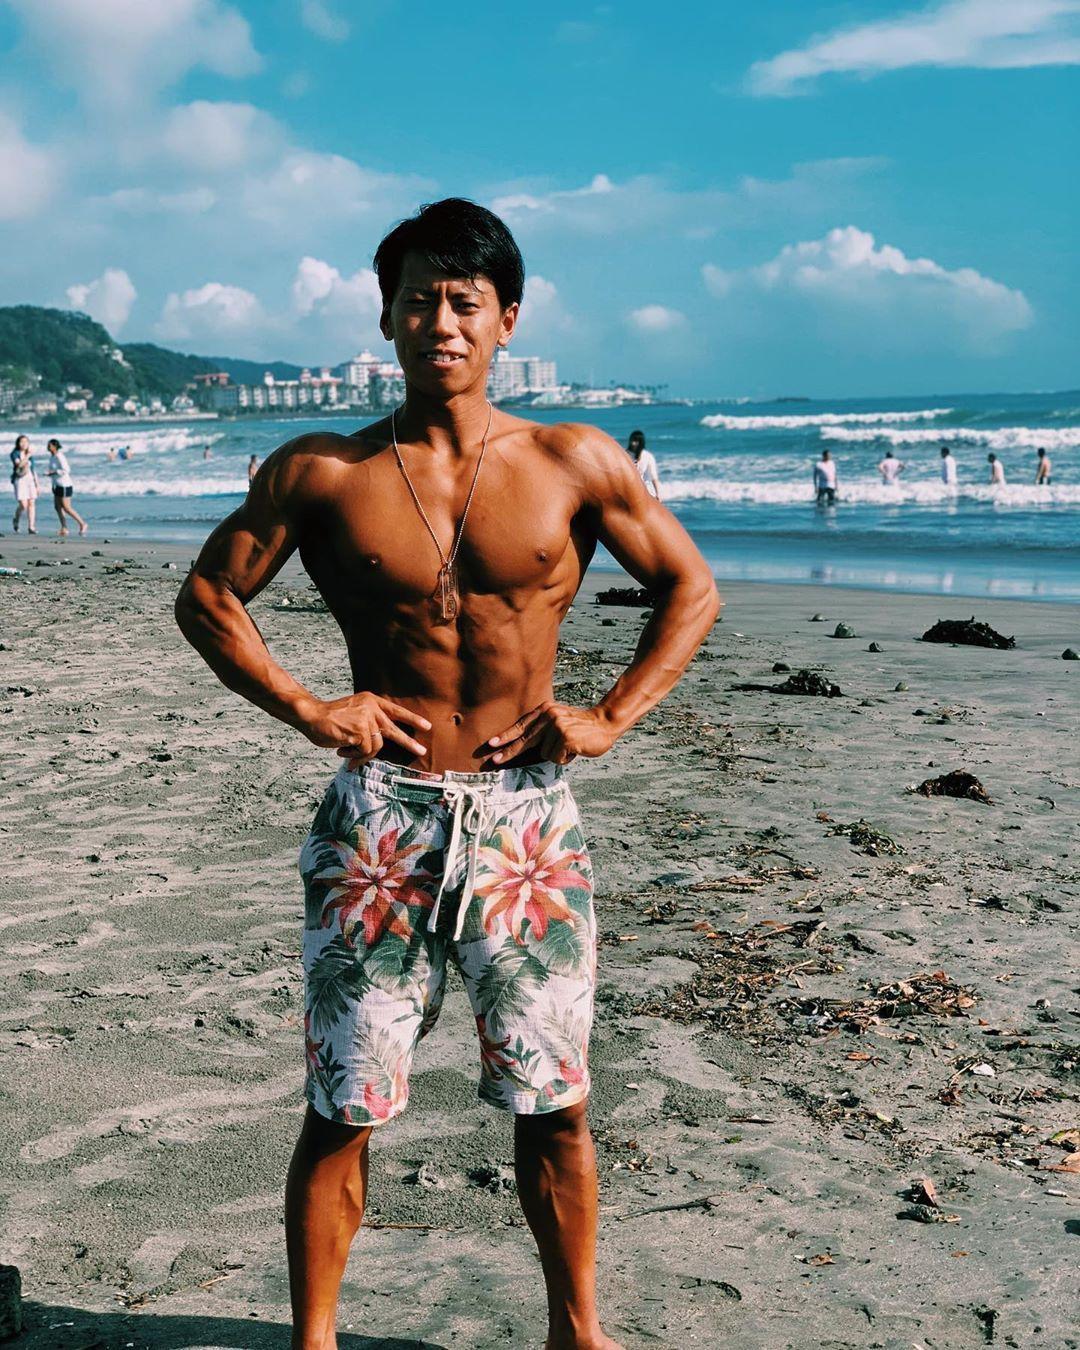 夏が恋しい😷 #fitness #トレーニング #筋トレ #広背筋 #肩 #training #workout #muscle #筋トレ好きと繋が...